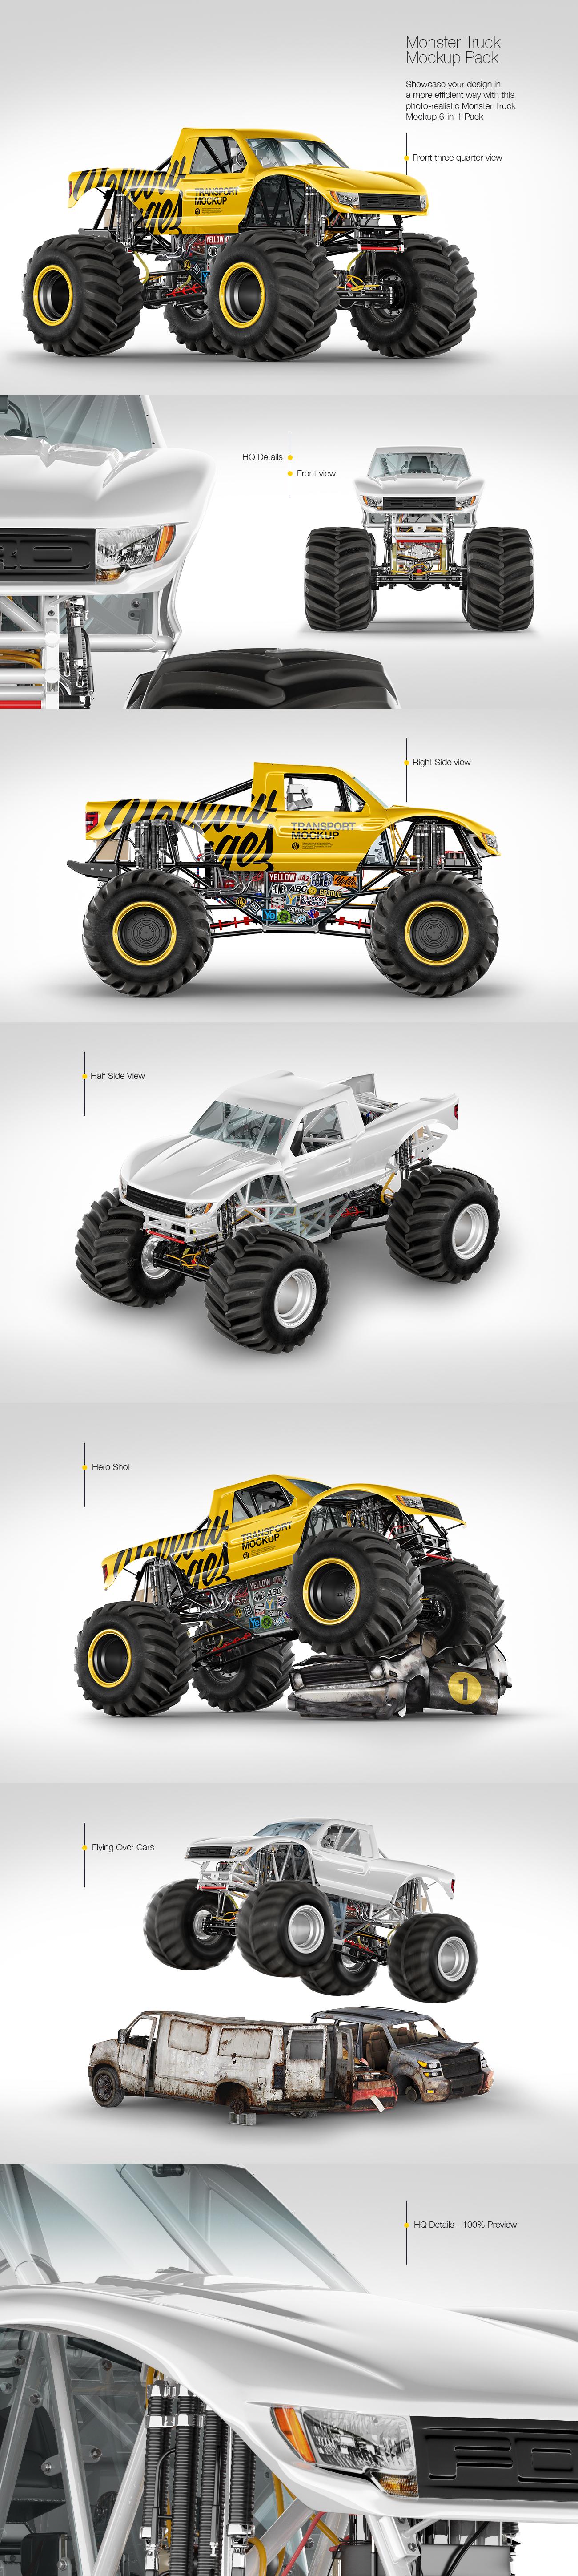 Monster Truck Mockup Pack